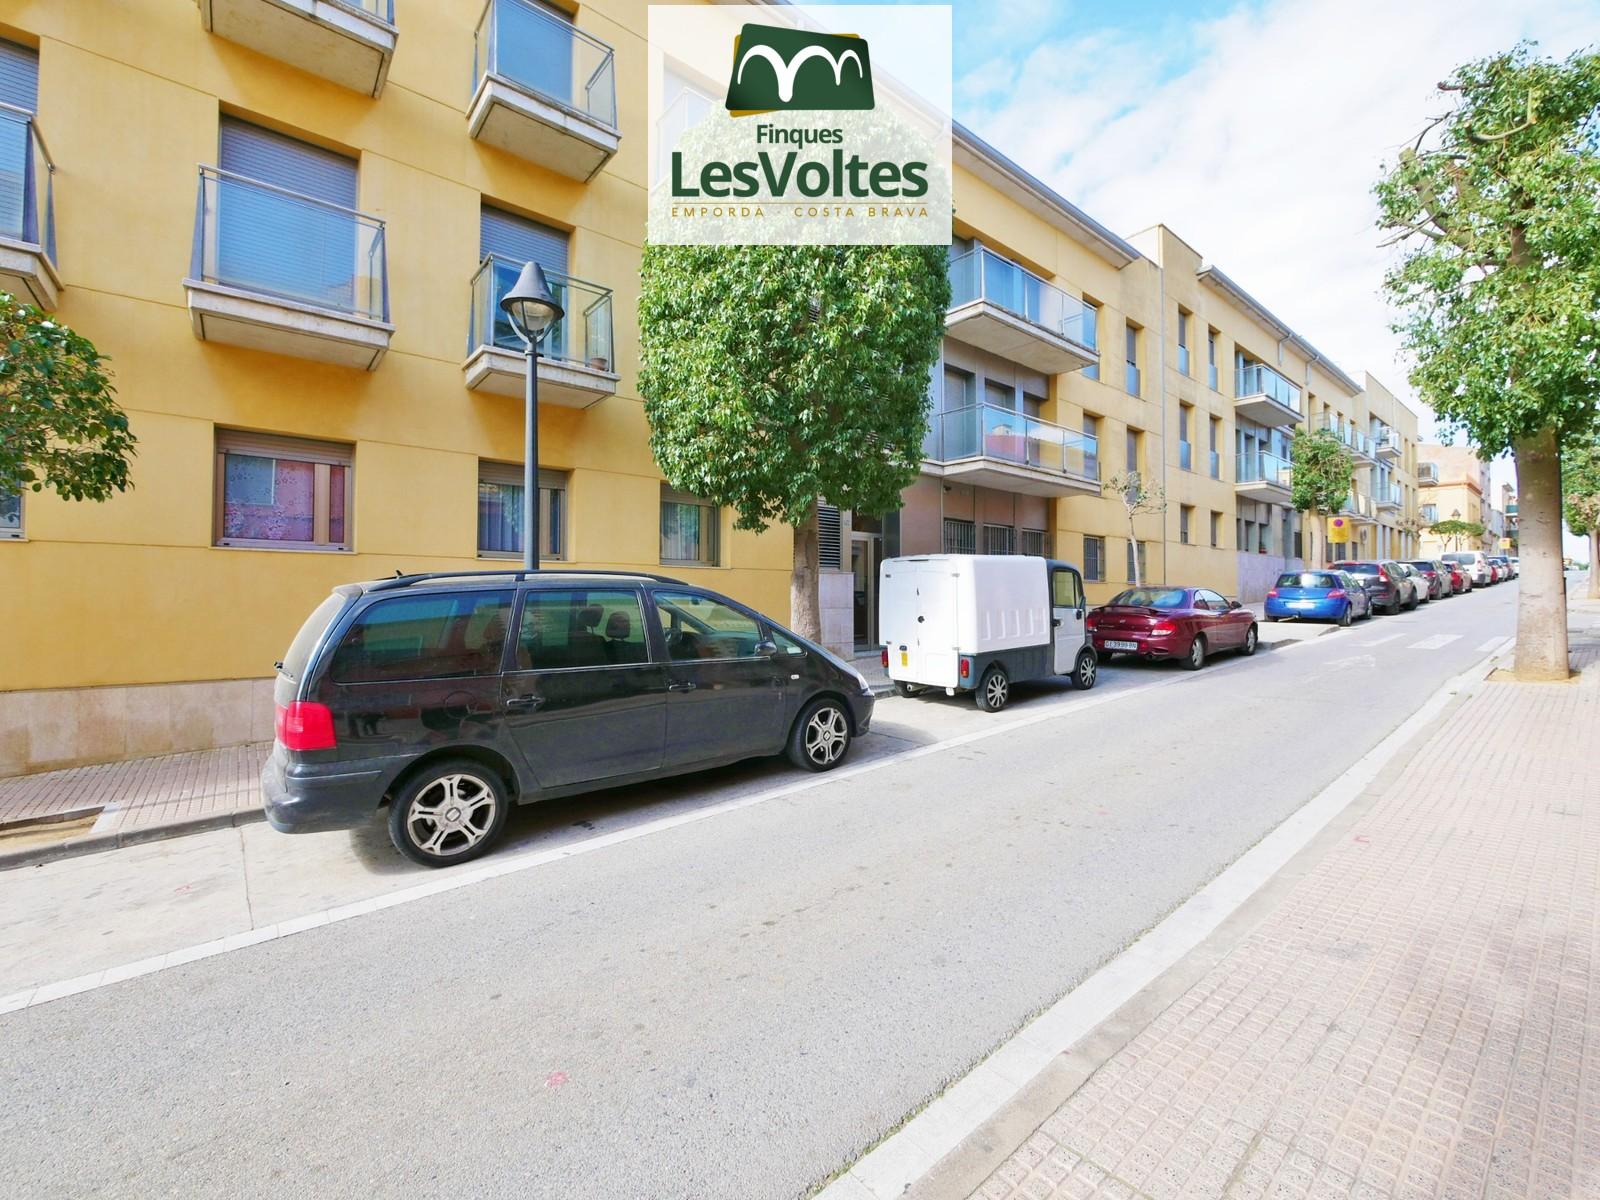 Magnífico ático dúplex con plaza de aparcamiento y trastero en venta en el centro de Palafrugell.